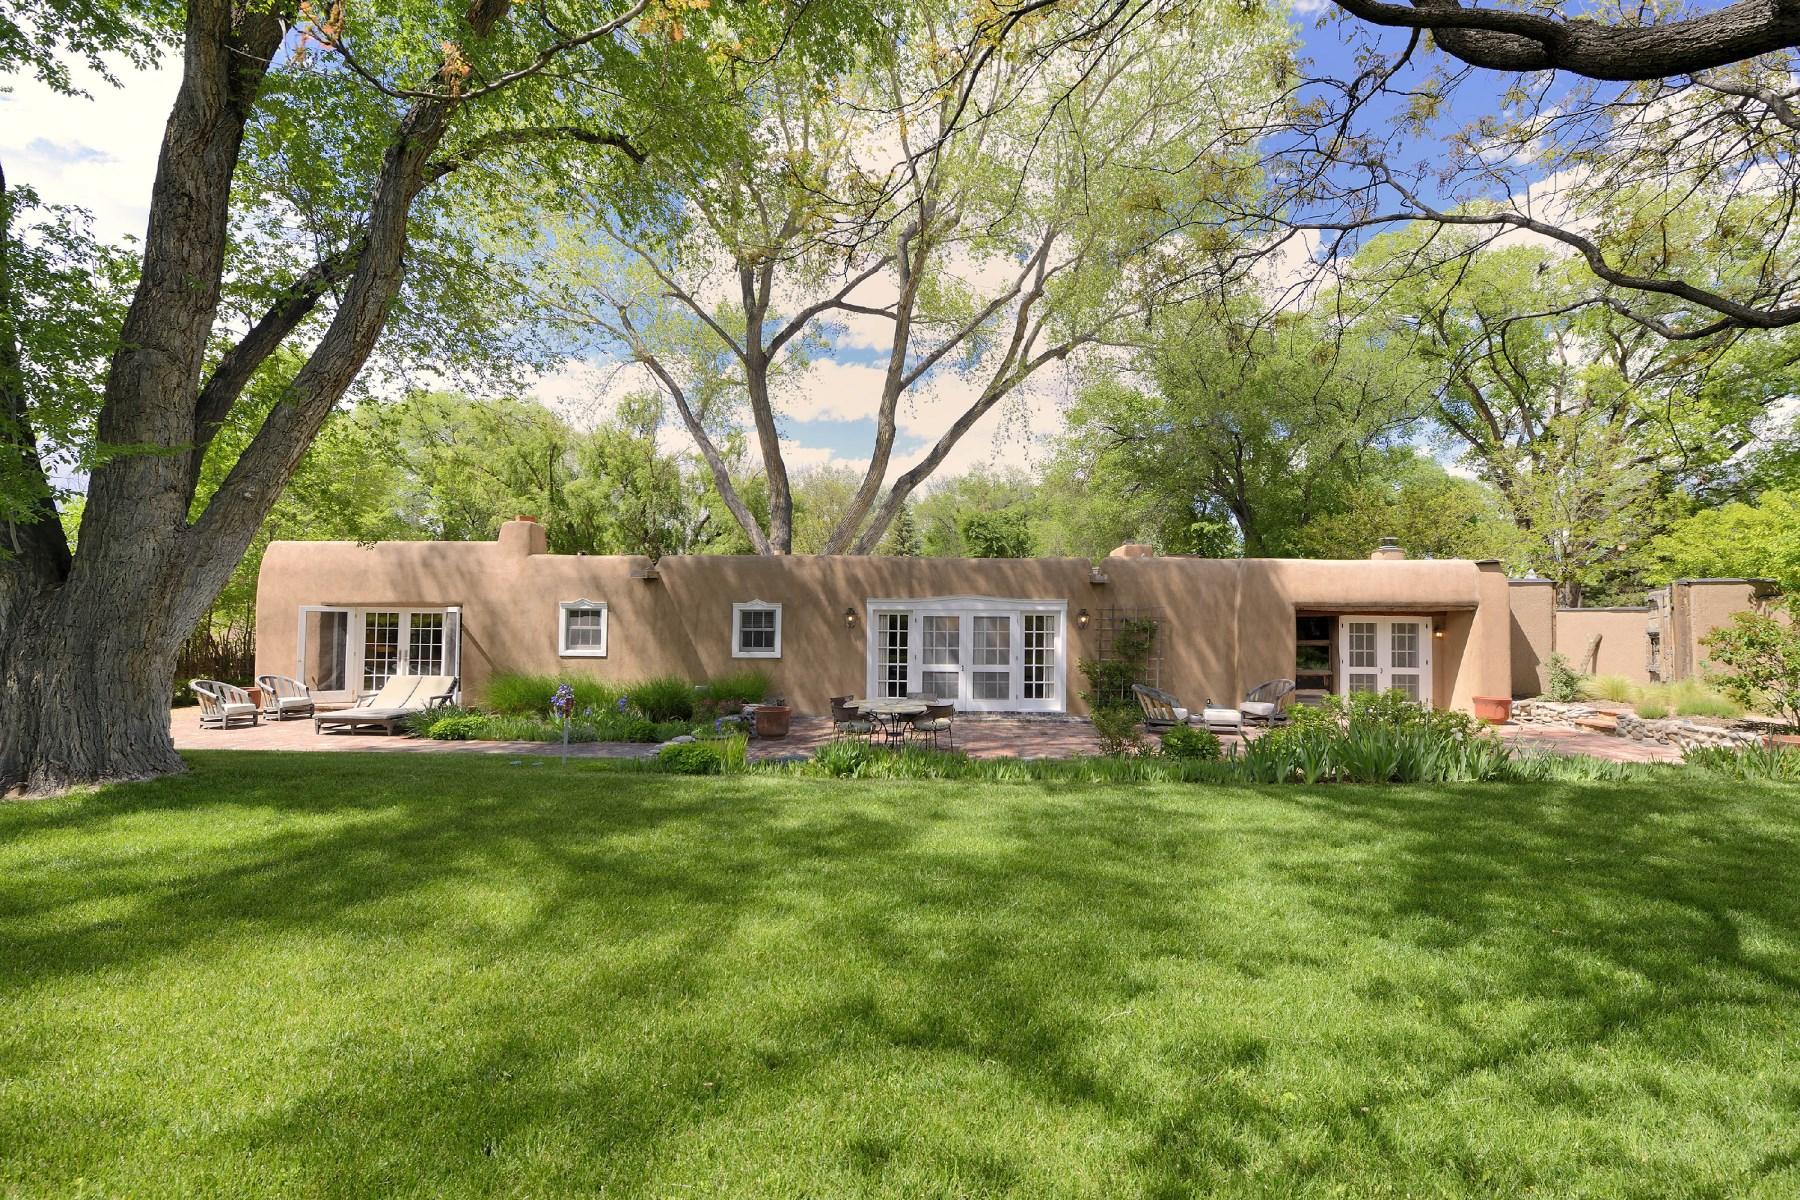 Maison unifamiliale pour l Vente à 29 Jacona Road Santa Fe, New Mexico 87506 États-Unis